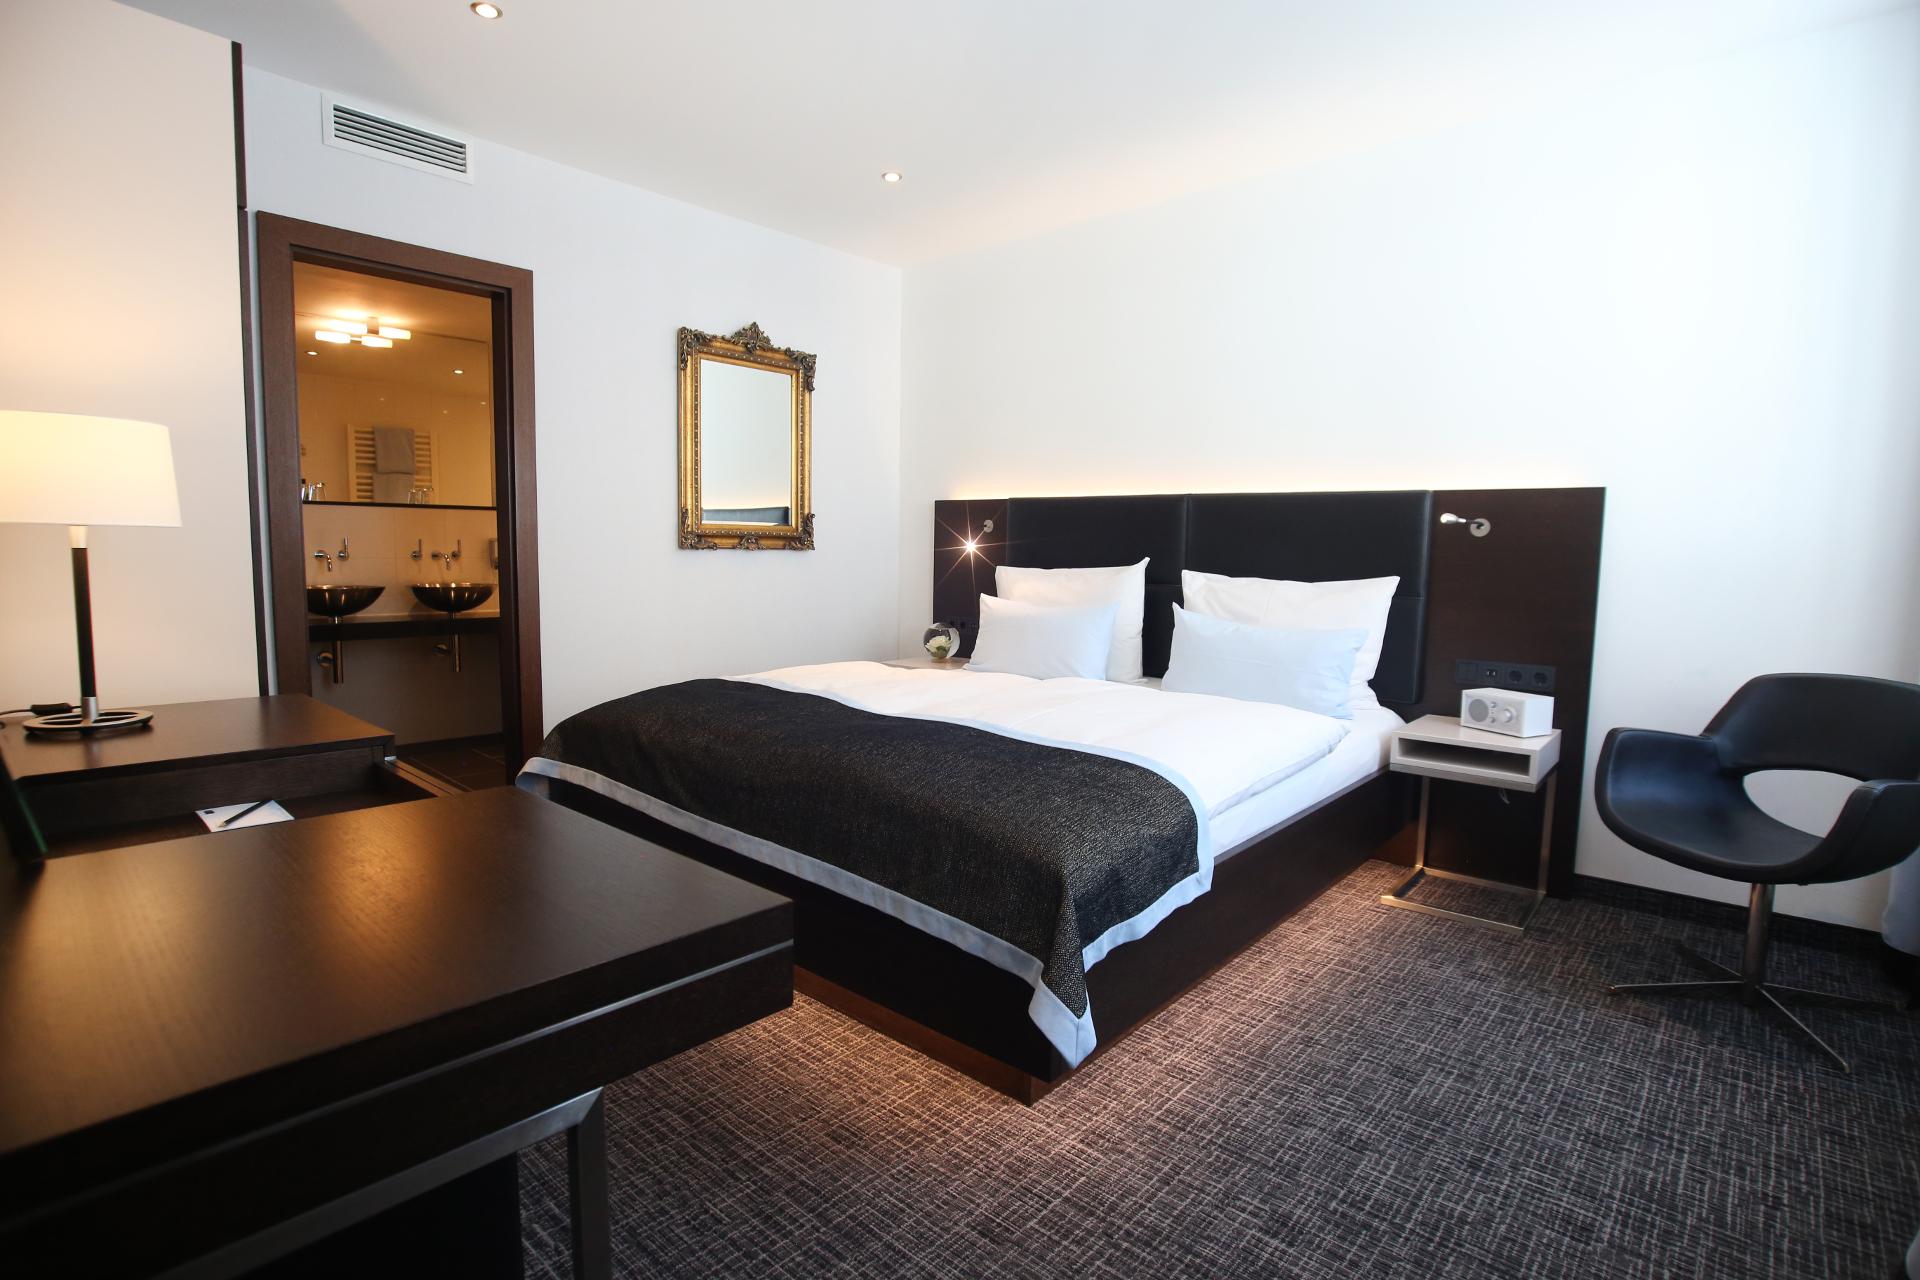 Suite SCHILLER 5 - SCHILLER 5 - Das @was andere Hotel im ...